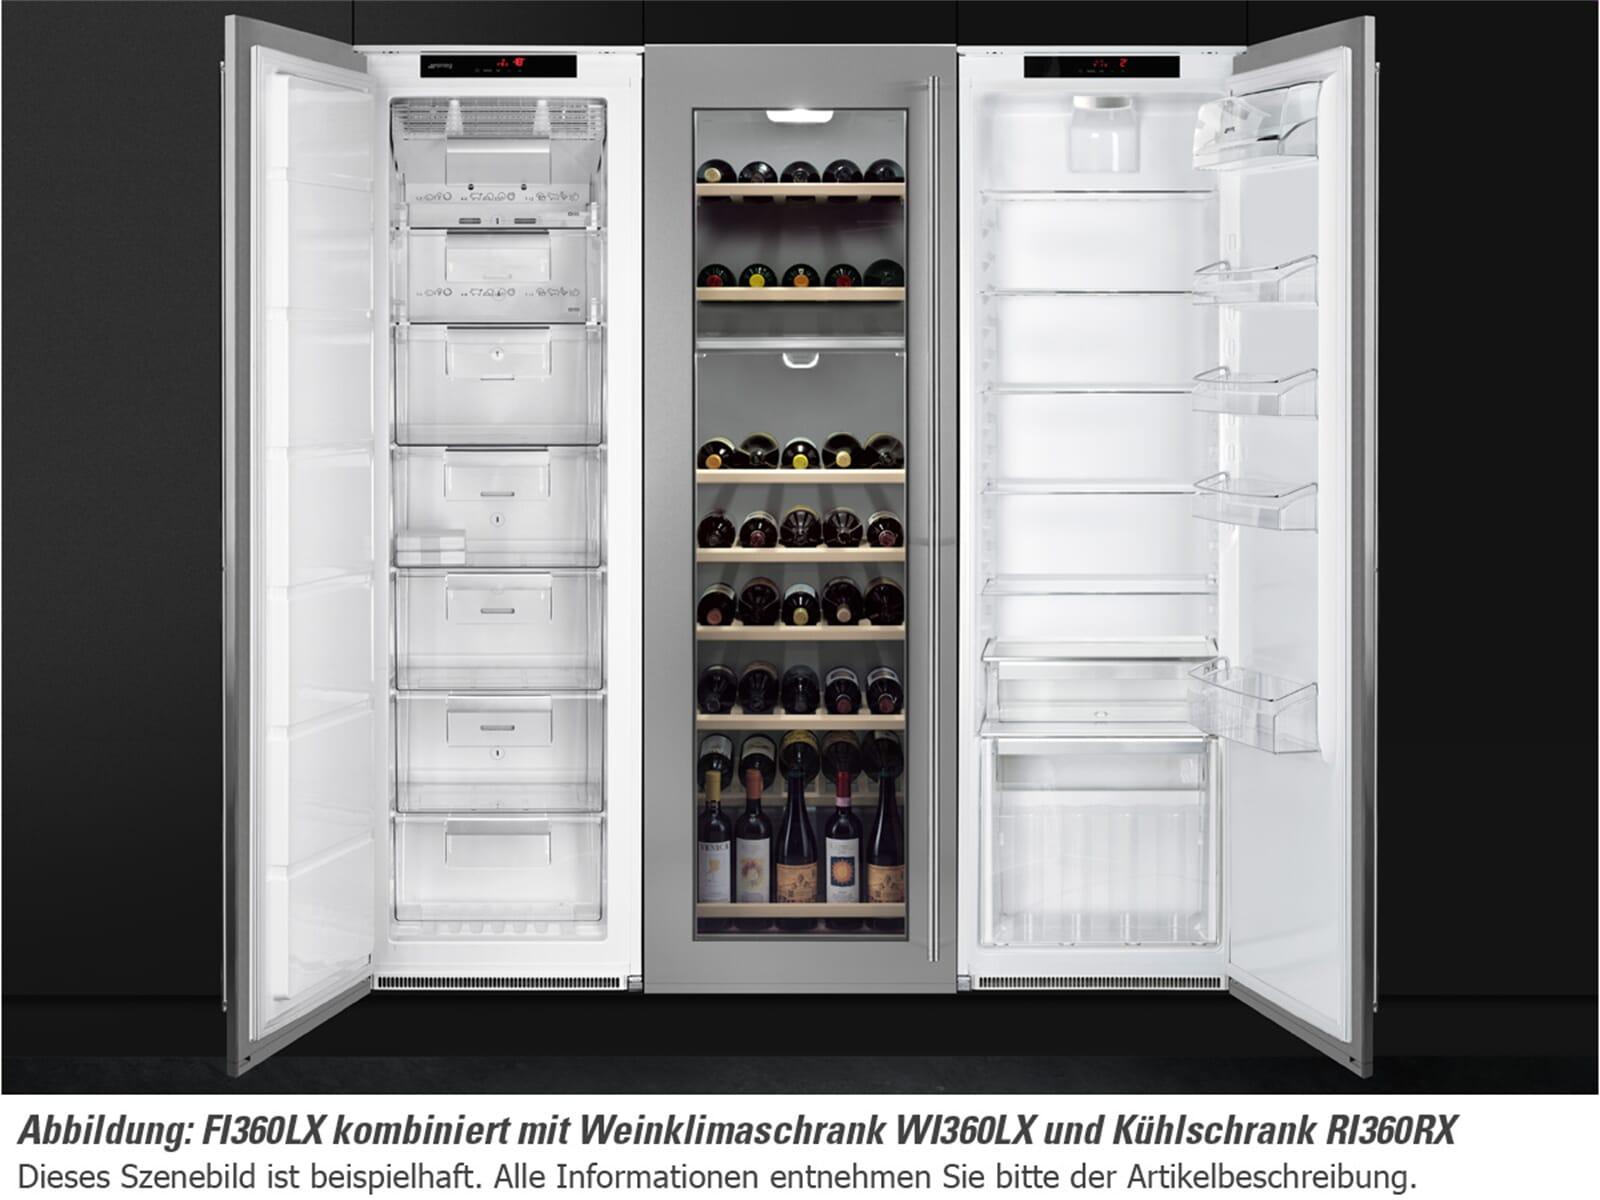 Siemens Kühlschrank Ohne Gefrierfach Einbau : Kühlschrank einbau siemens kühlschrank einbau ohne gefrierfach frisch